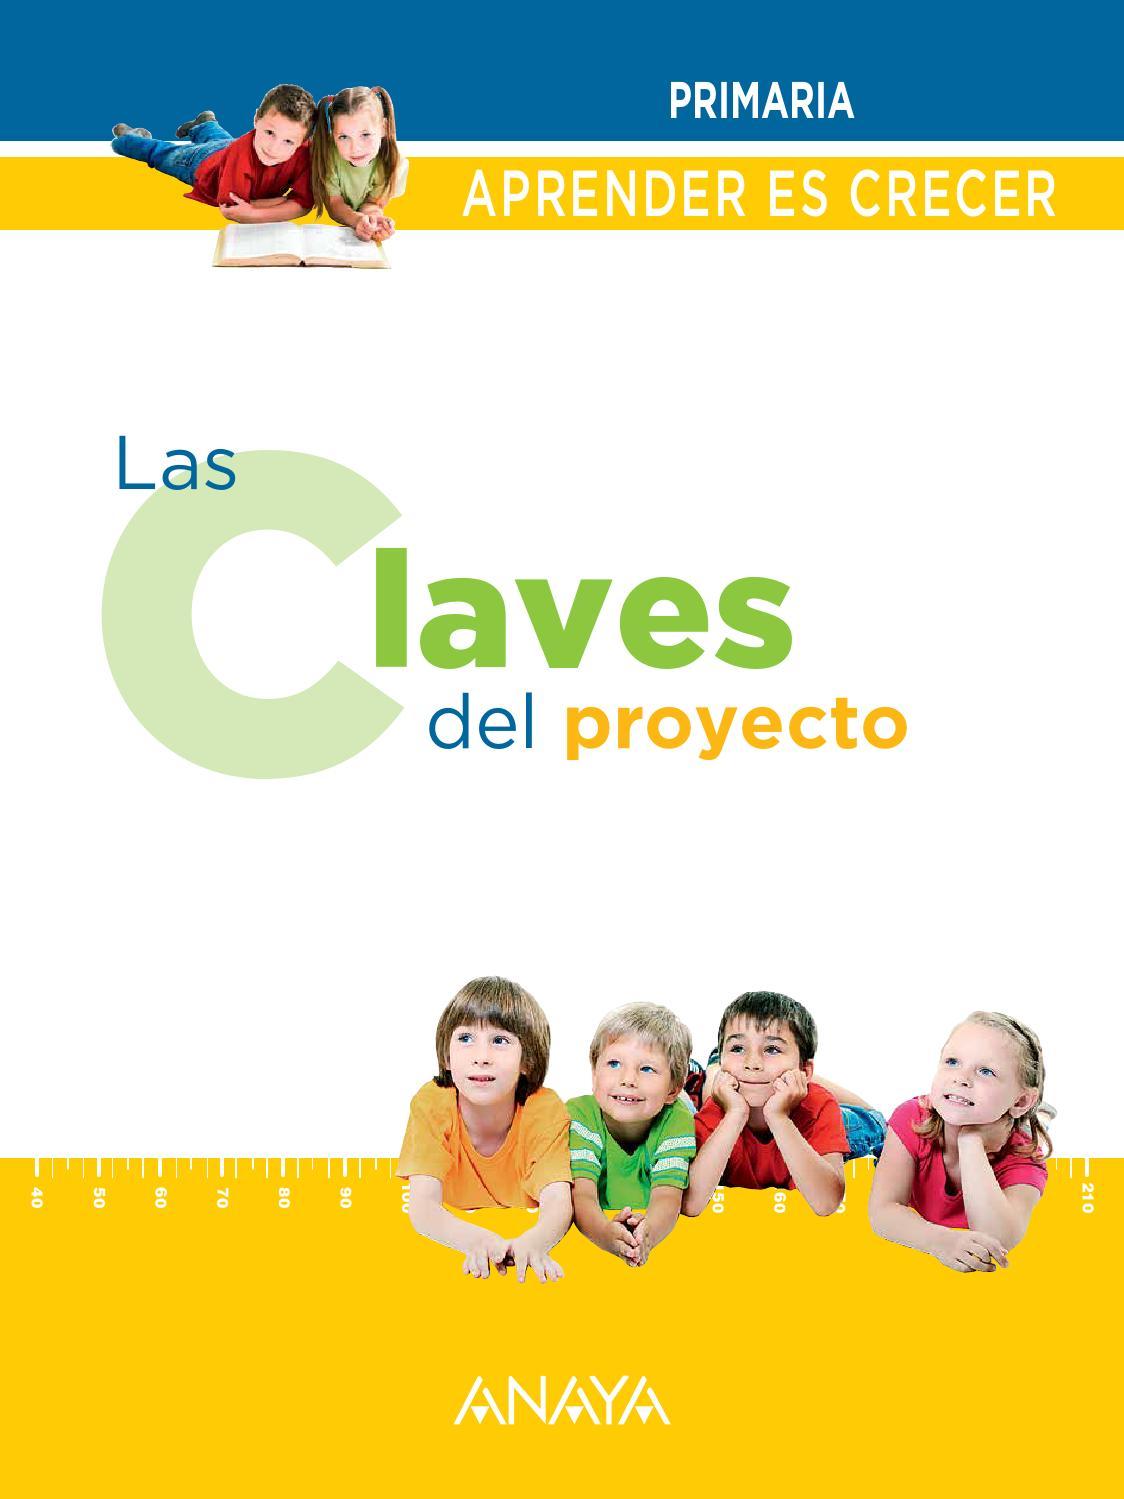 Aprender Es Crecer  Claves Del Proyecto  By Grupo Anaya  S A